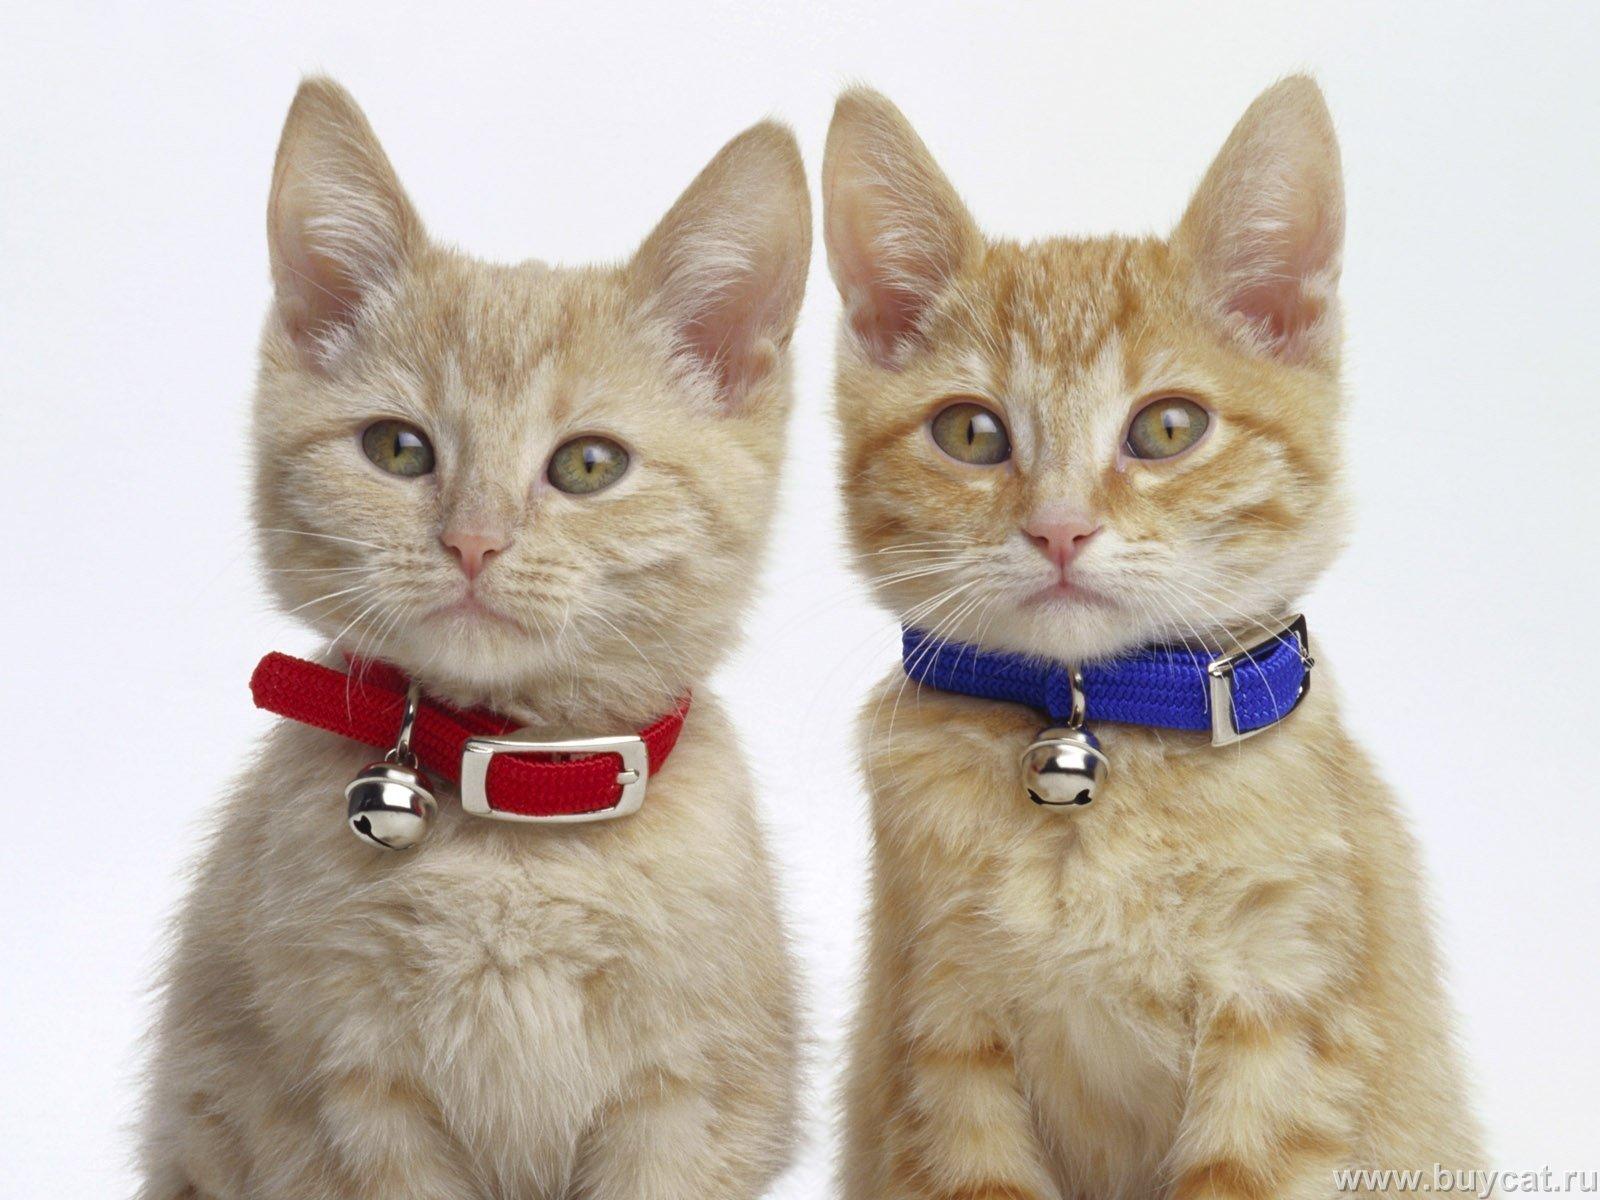 بالصور اجمل صور قطط , شاهد بالصور ارق انواع القطط 1867 14